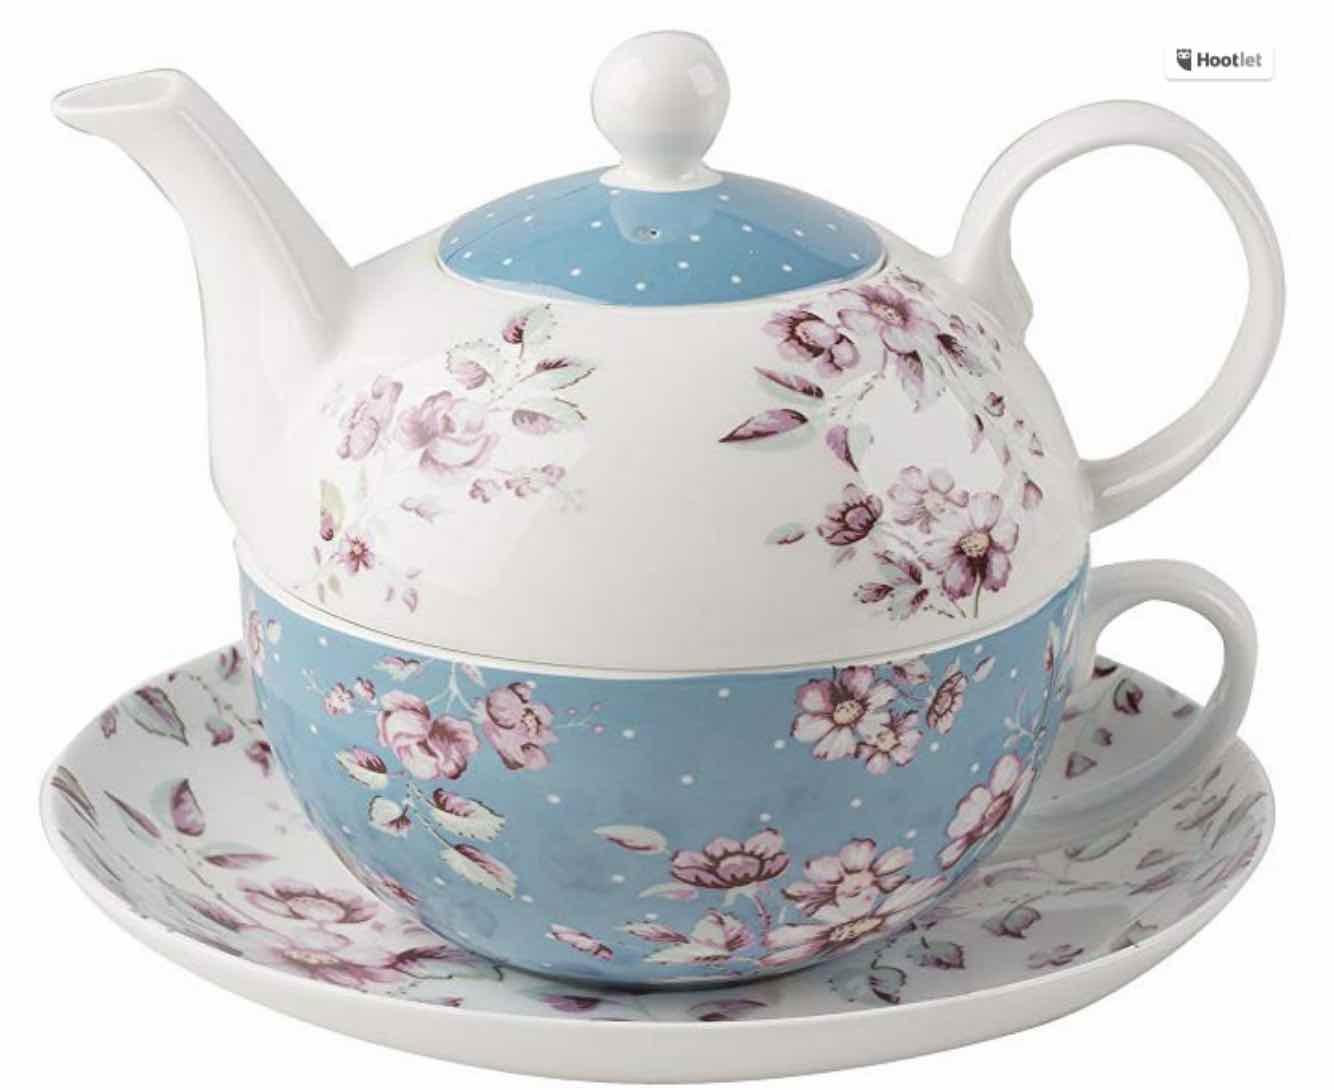 juego de té floral london